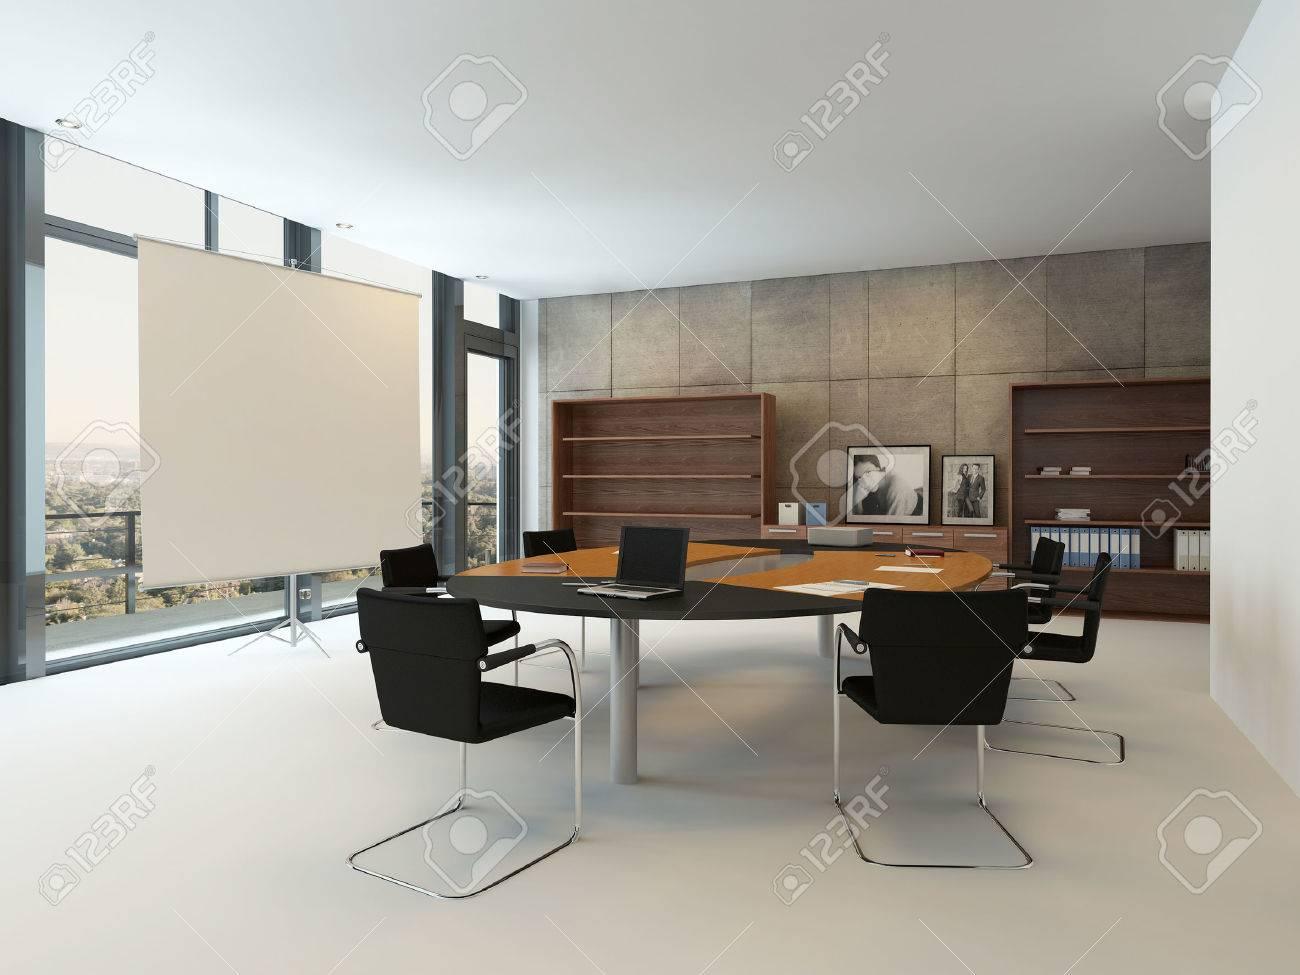 Interieur De Bureaux Moderne Avec Table De Conference Banque D